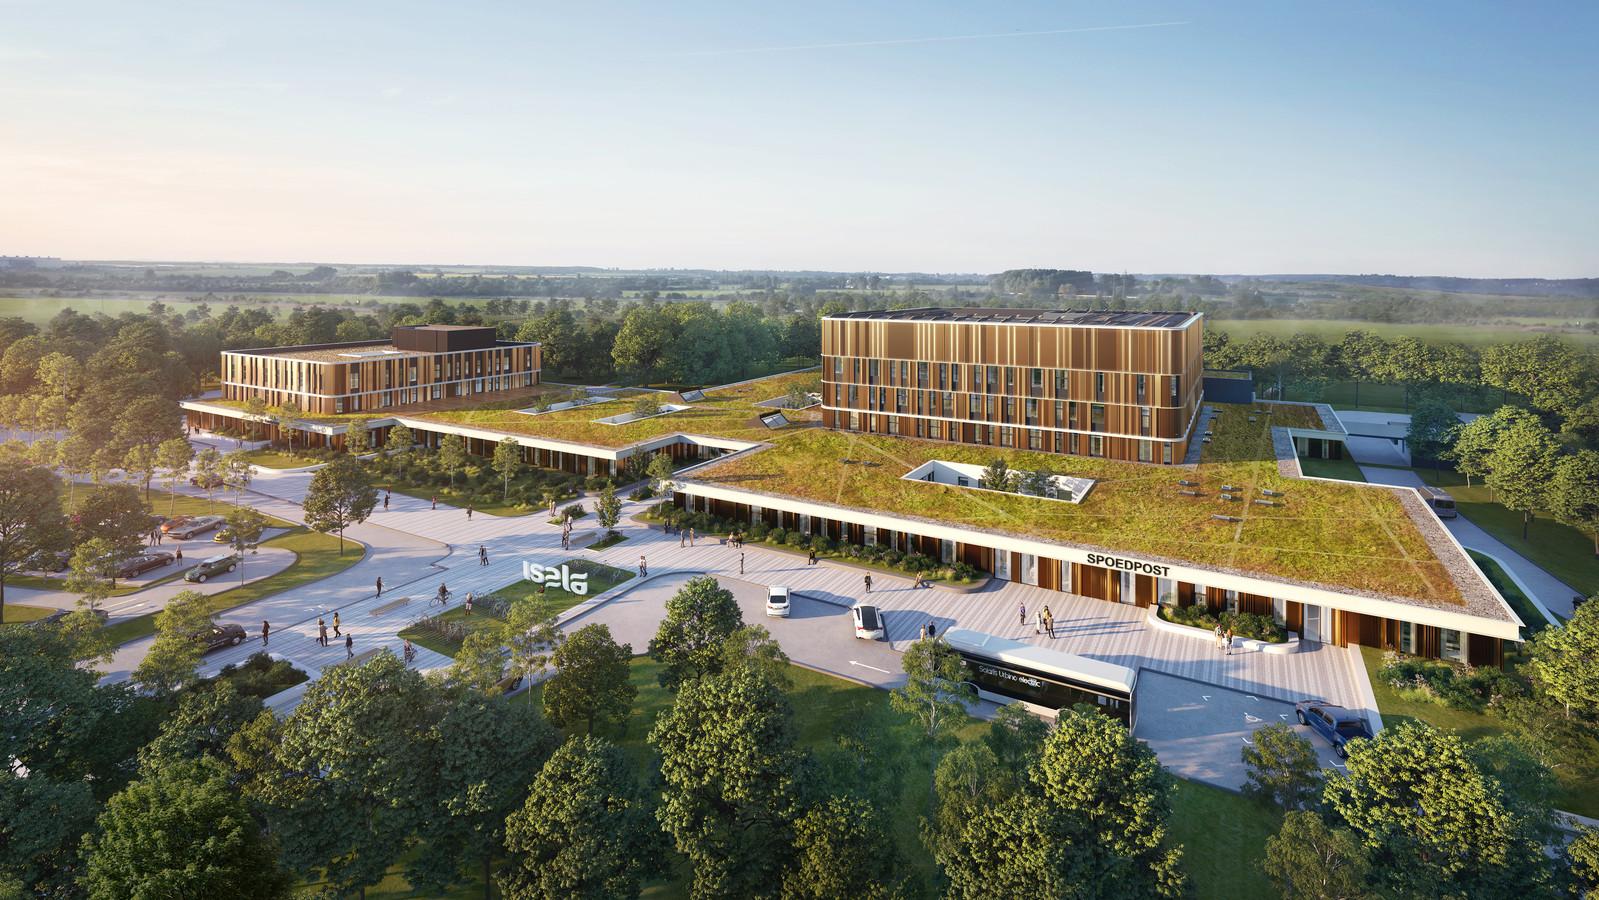 Het nieuwe ziekenhuis in Meppel komt er zo uit te zien als de bouw is afgerond.